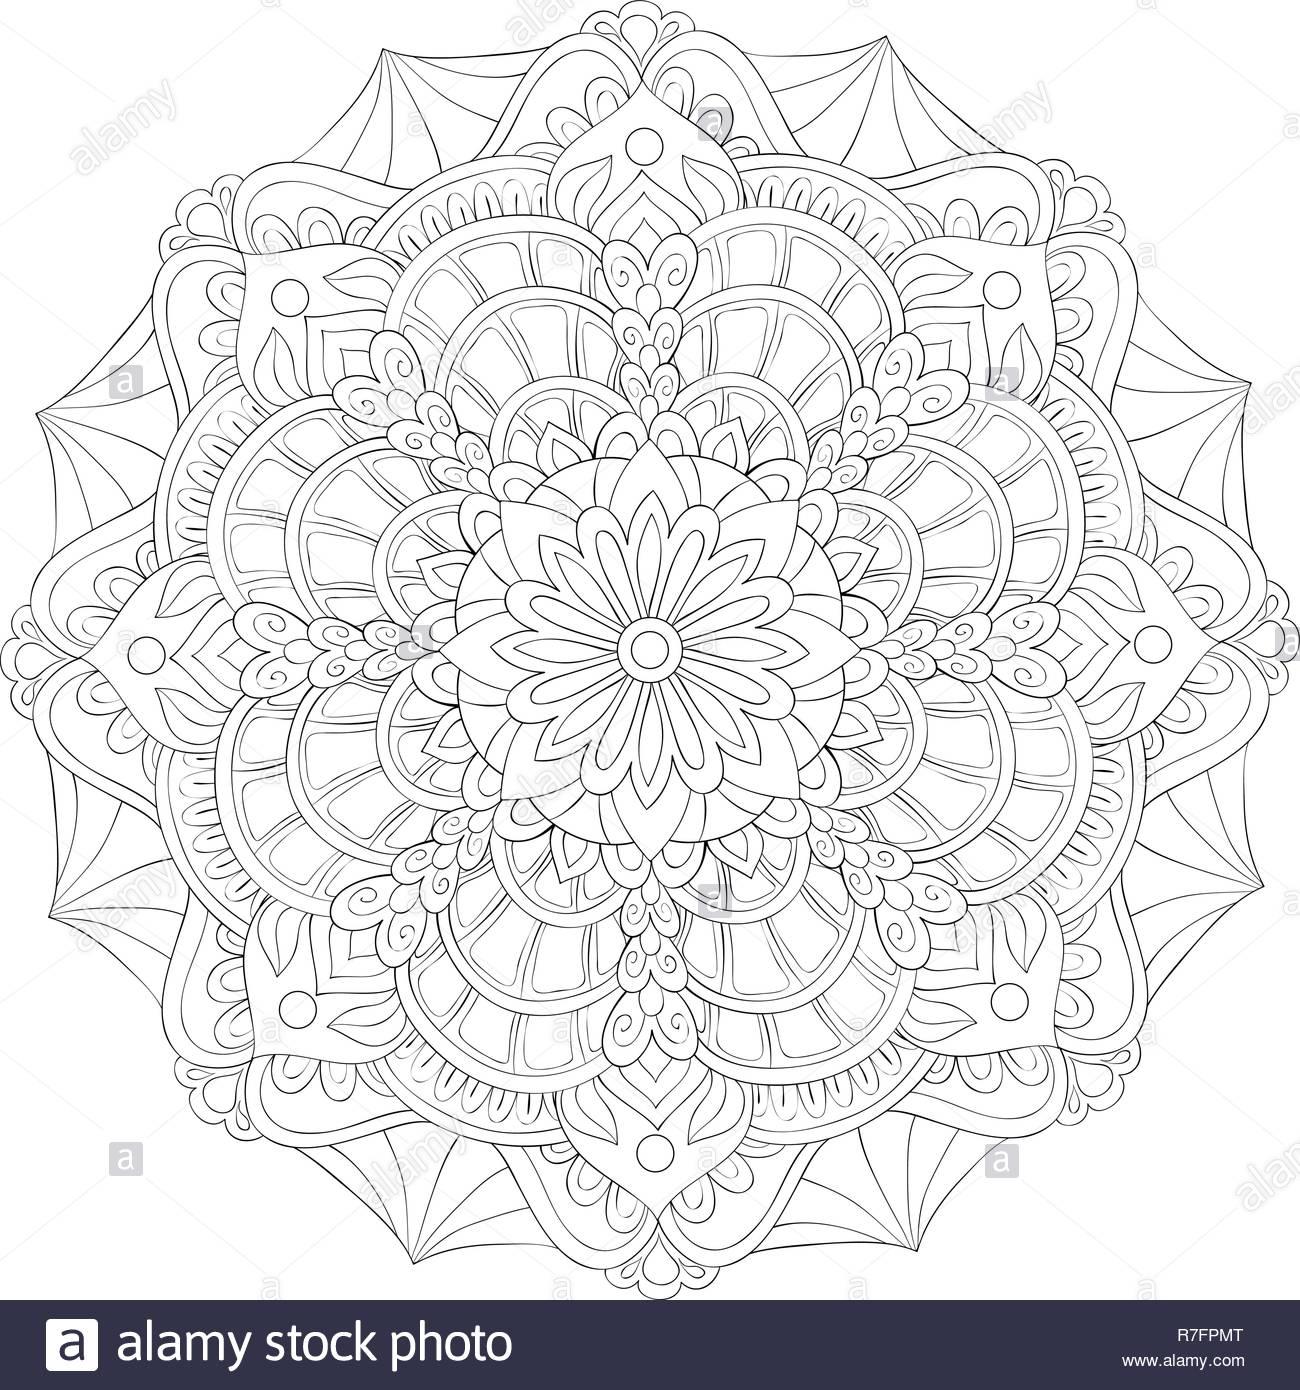 Ein Zen Mandala Bild Für Erwachsene Ein Malbuch Seite Für